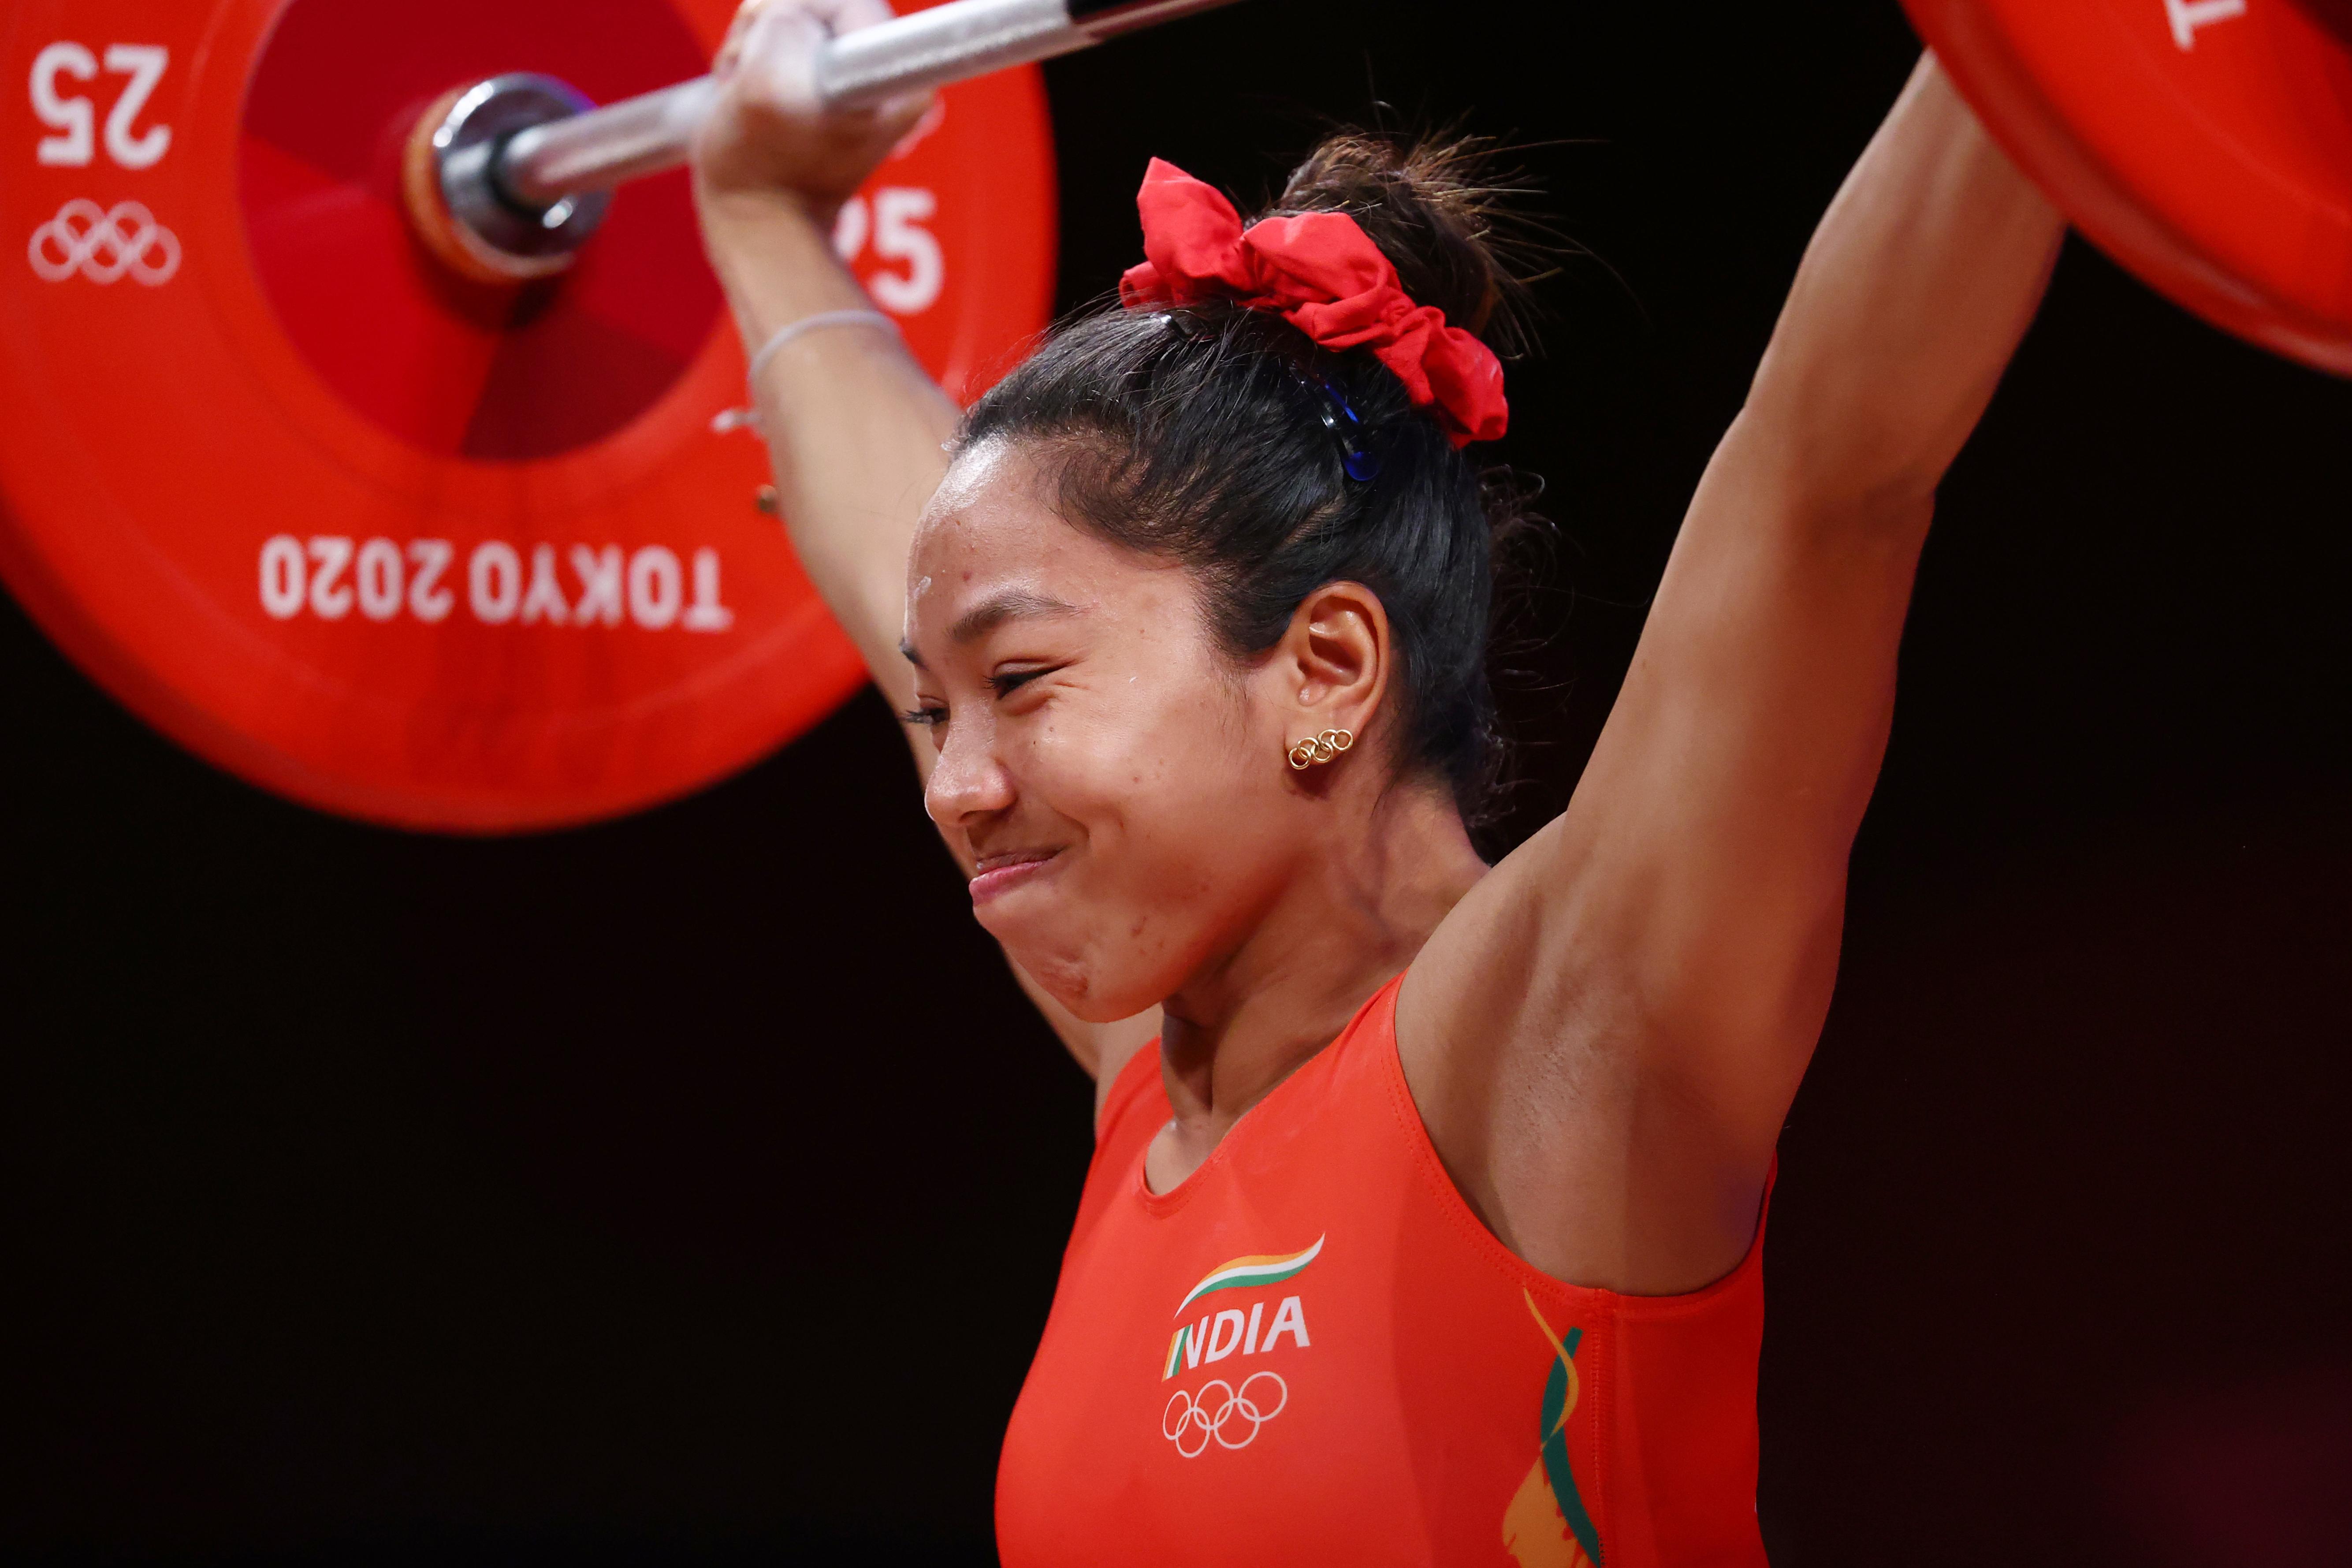 टोक्यो ओलिंपिक के फाइनल इवेंट के दौरान मीराबाई चानू।